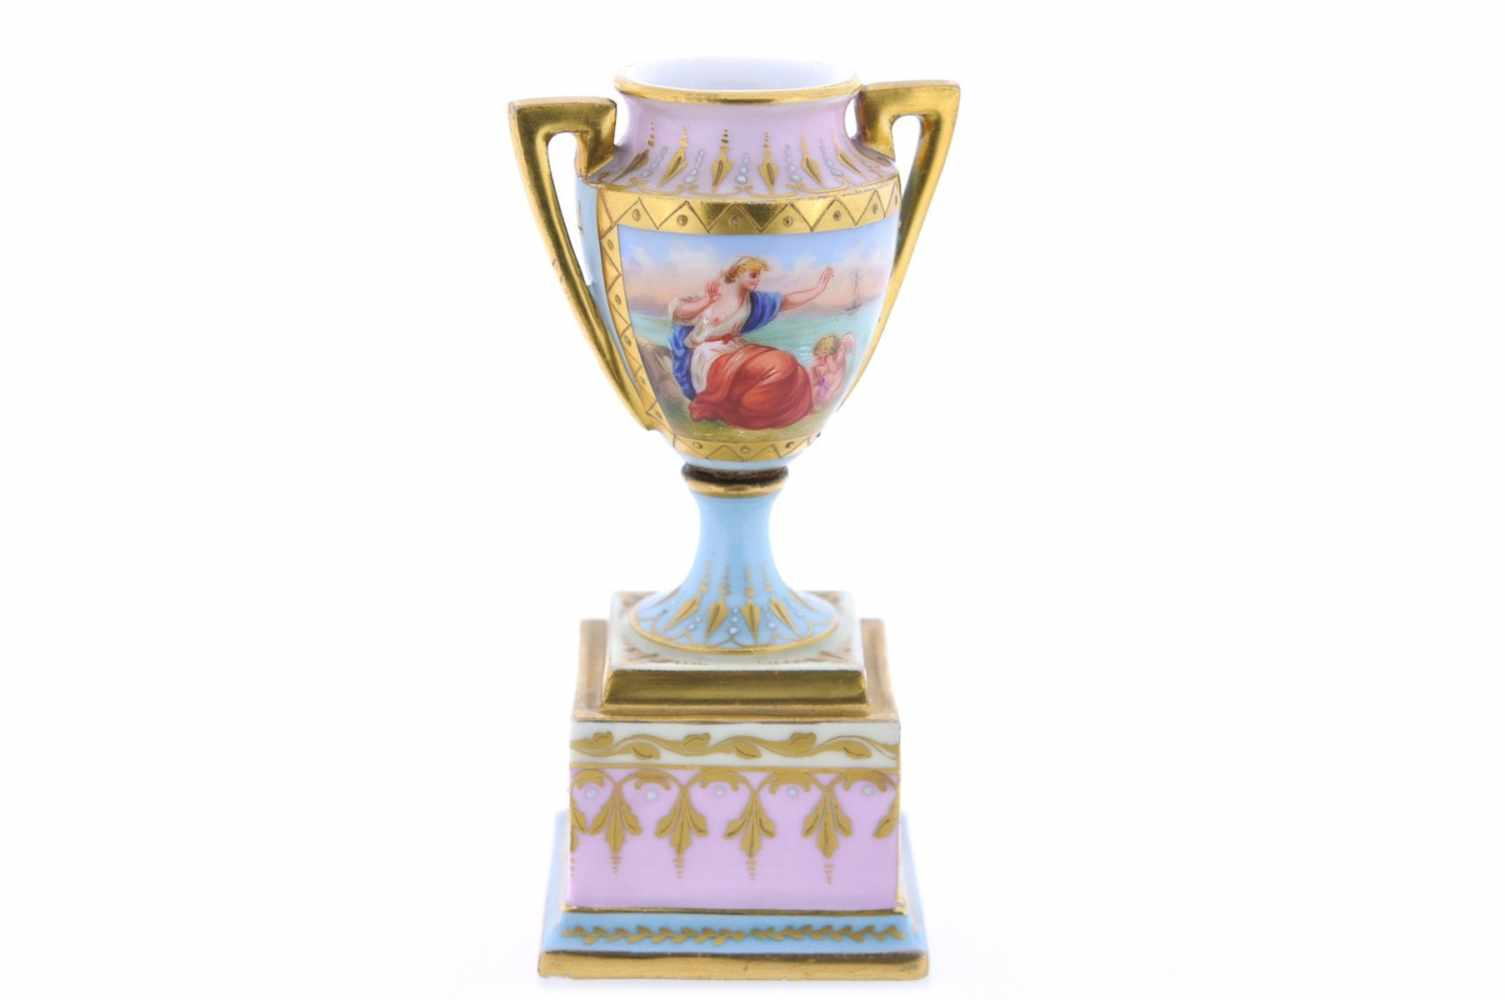 KLEINE VASE Porzellanmanufaktur Augarten, Porzellan, goldfarbige Staffierung auf weißem Fond,